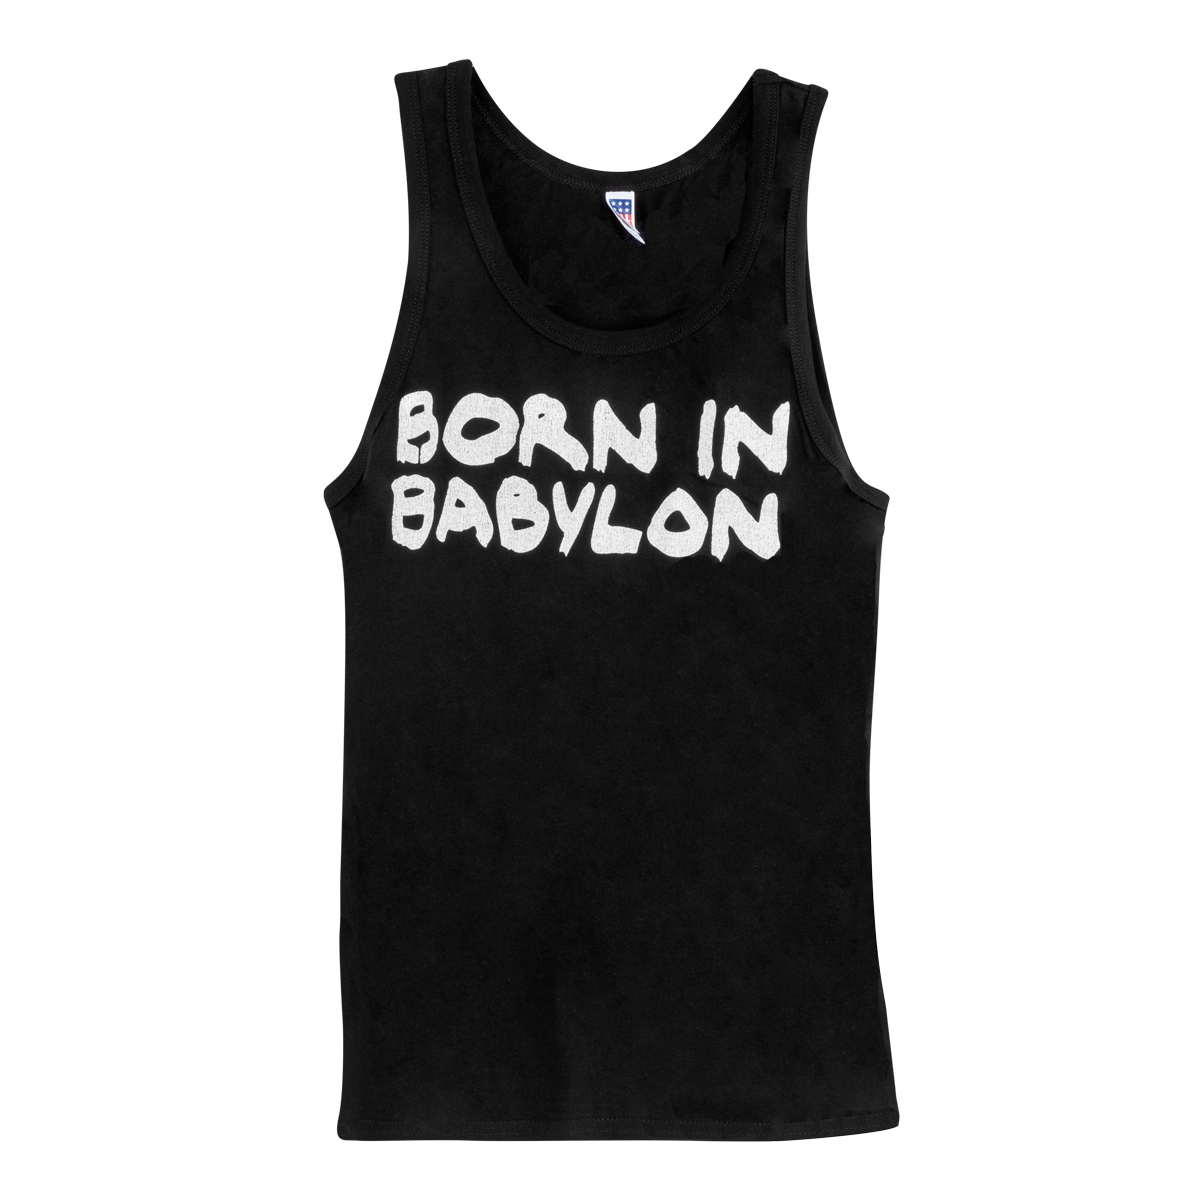 Men's Born In Babylon Tank - Black